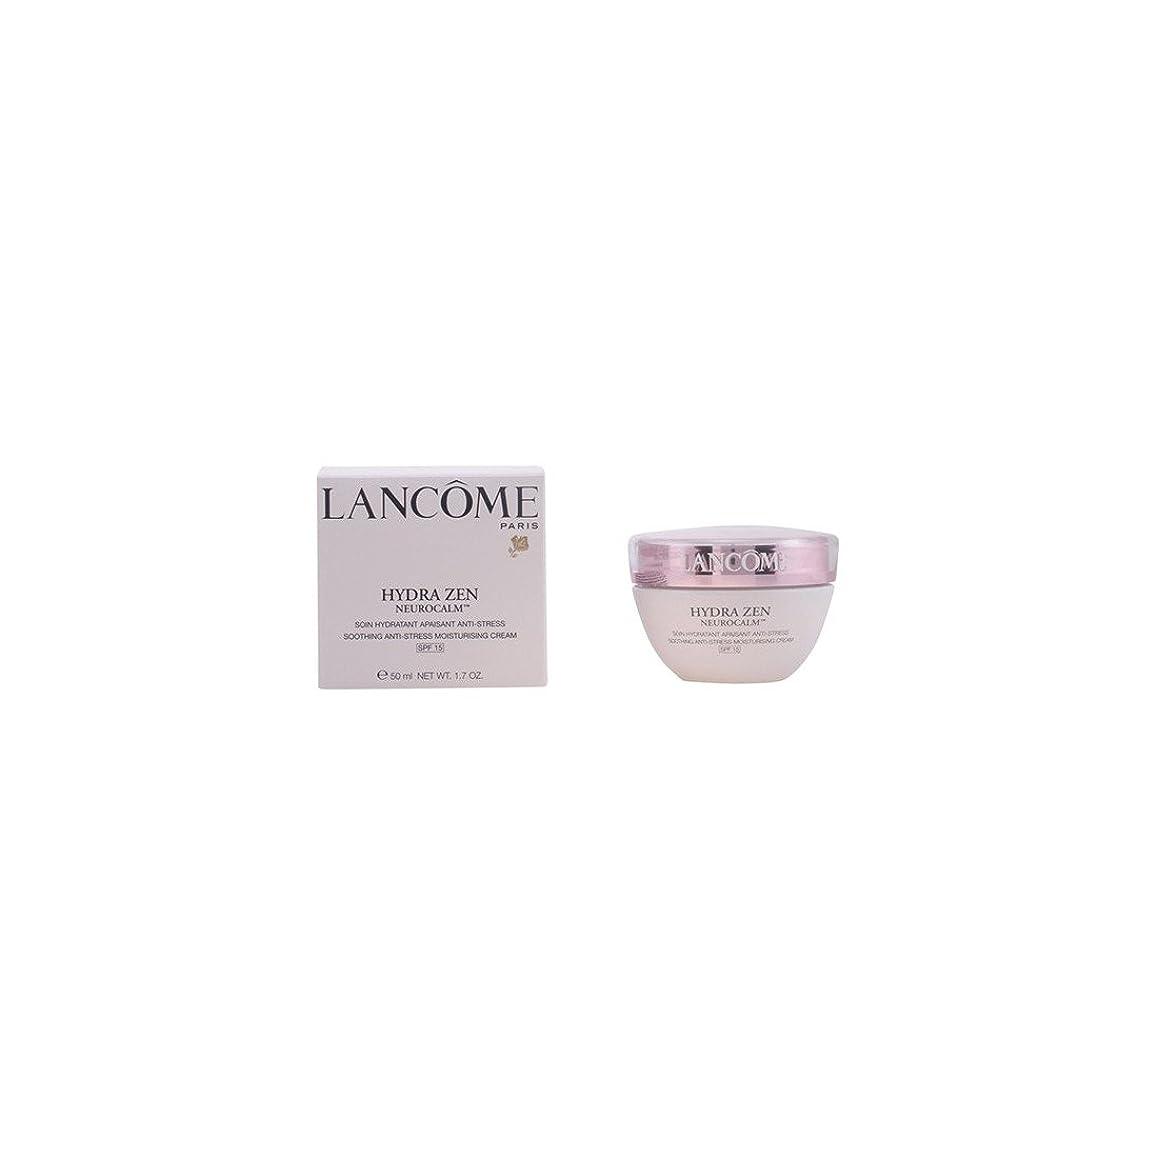 経験者思慮のない熱心ランコム Hydra Zen Anti-Stress Moisturising Cream SPF15 - All Skin Types 50ml/1.7oz並行輸入品